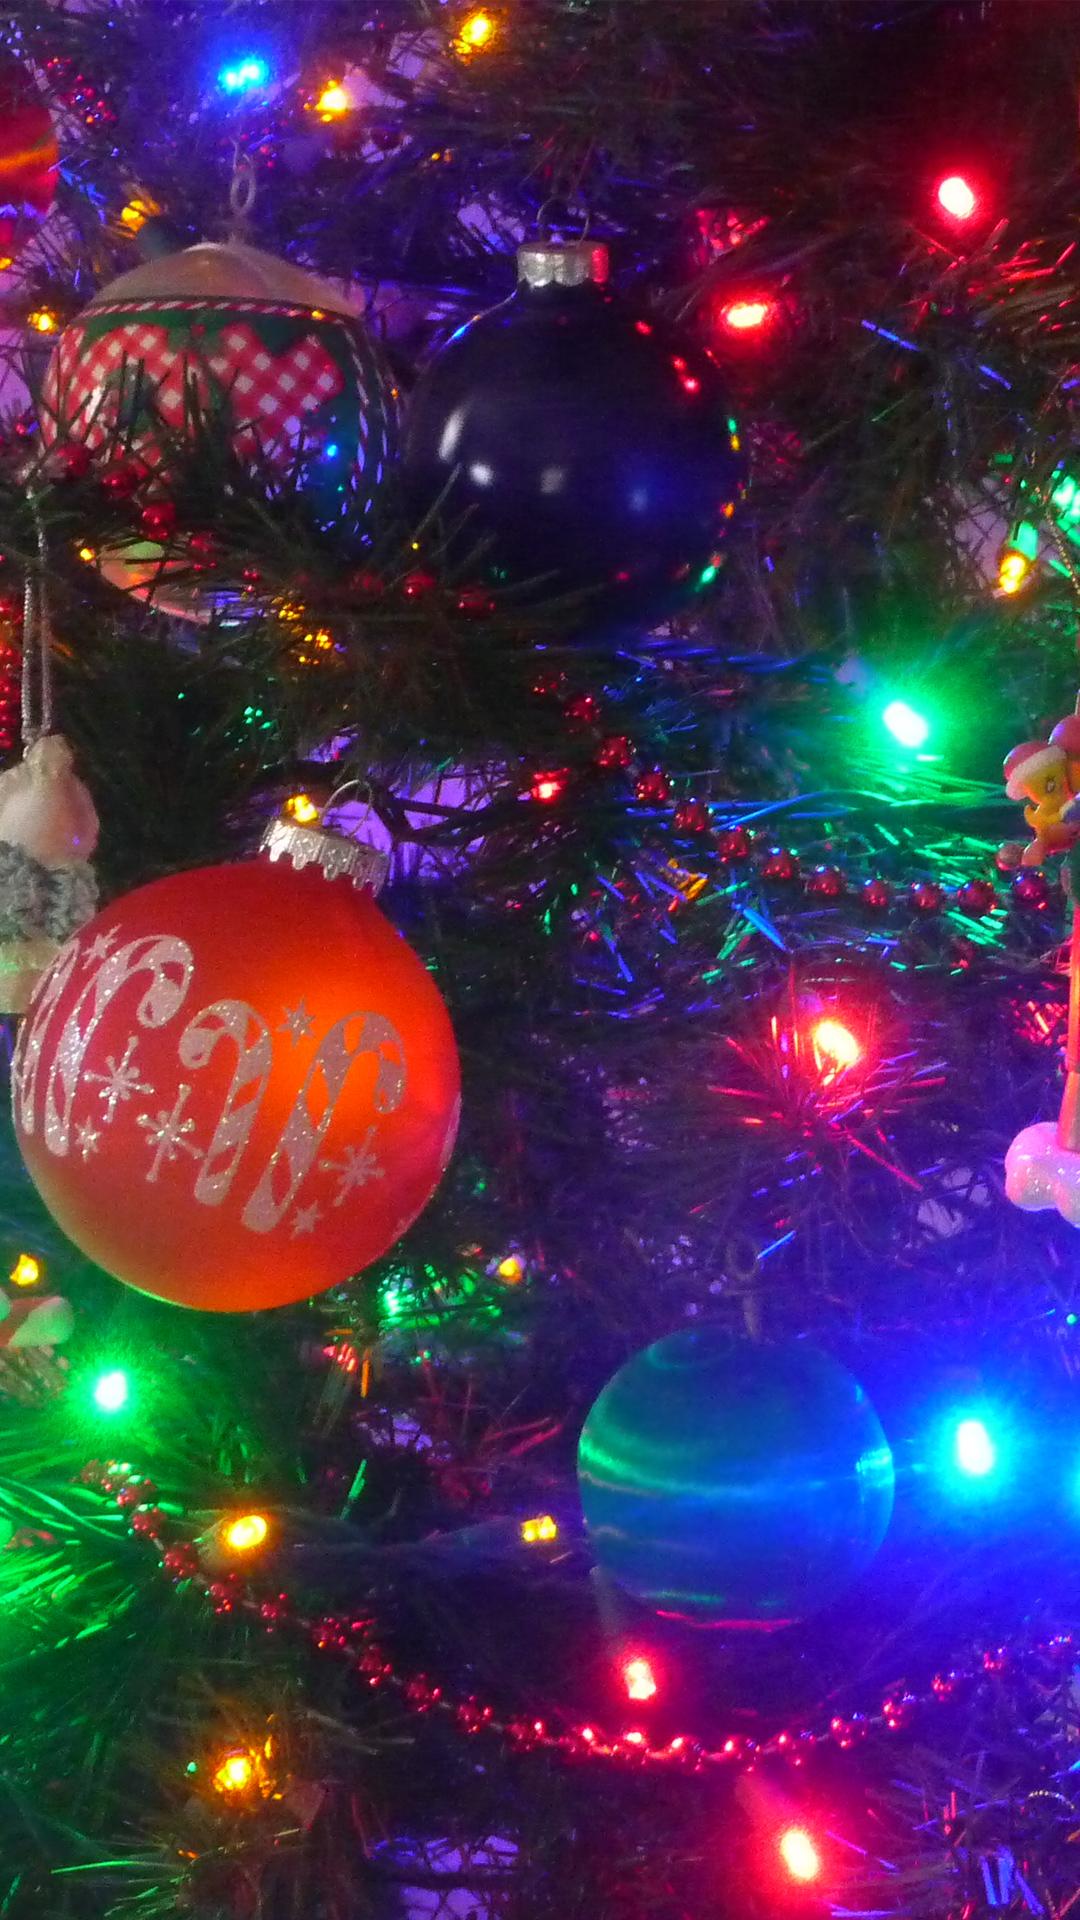 Christmas Tree Colorful Lights